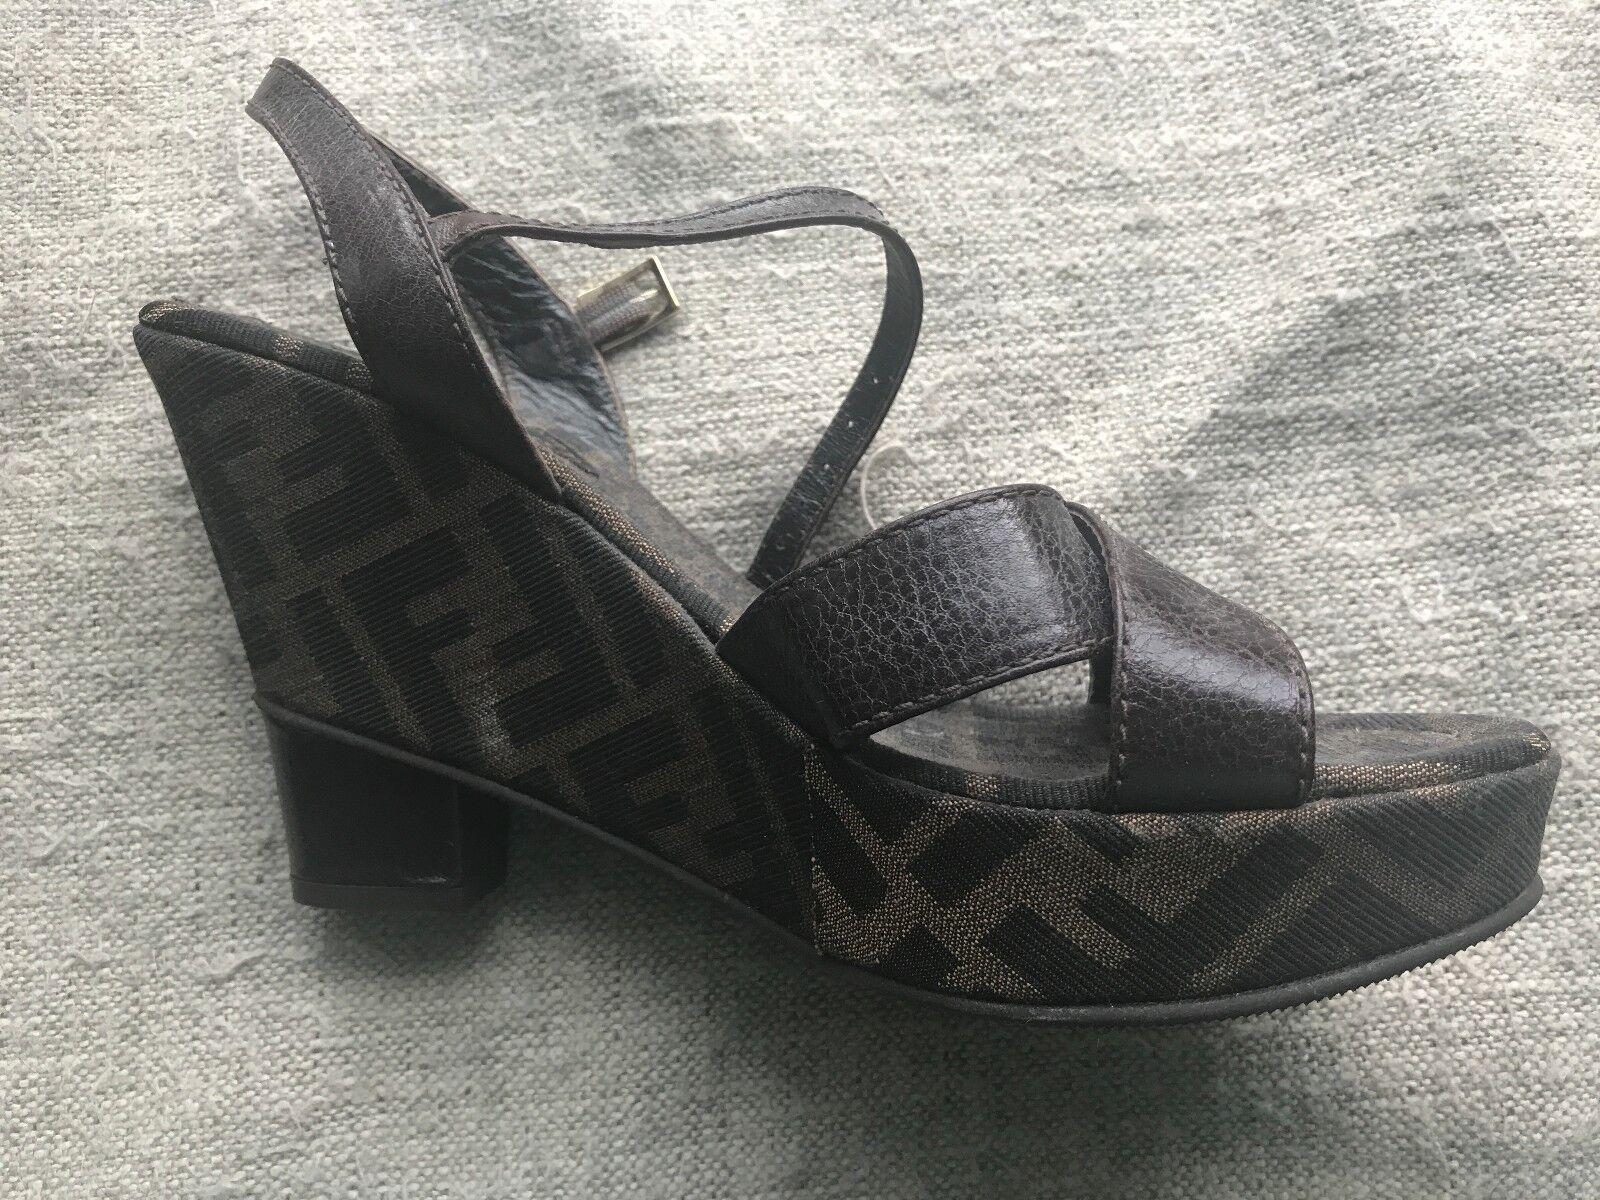 Brand Nuovo con Box  Autentico Fendi Wedge Sandals   Dimensione 38  Acquistato a Saks  nessun minimo